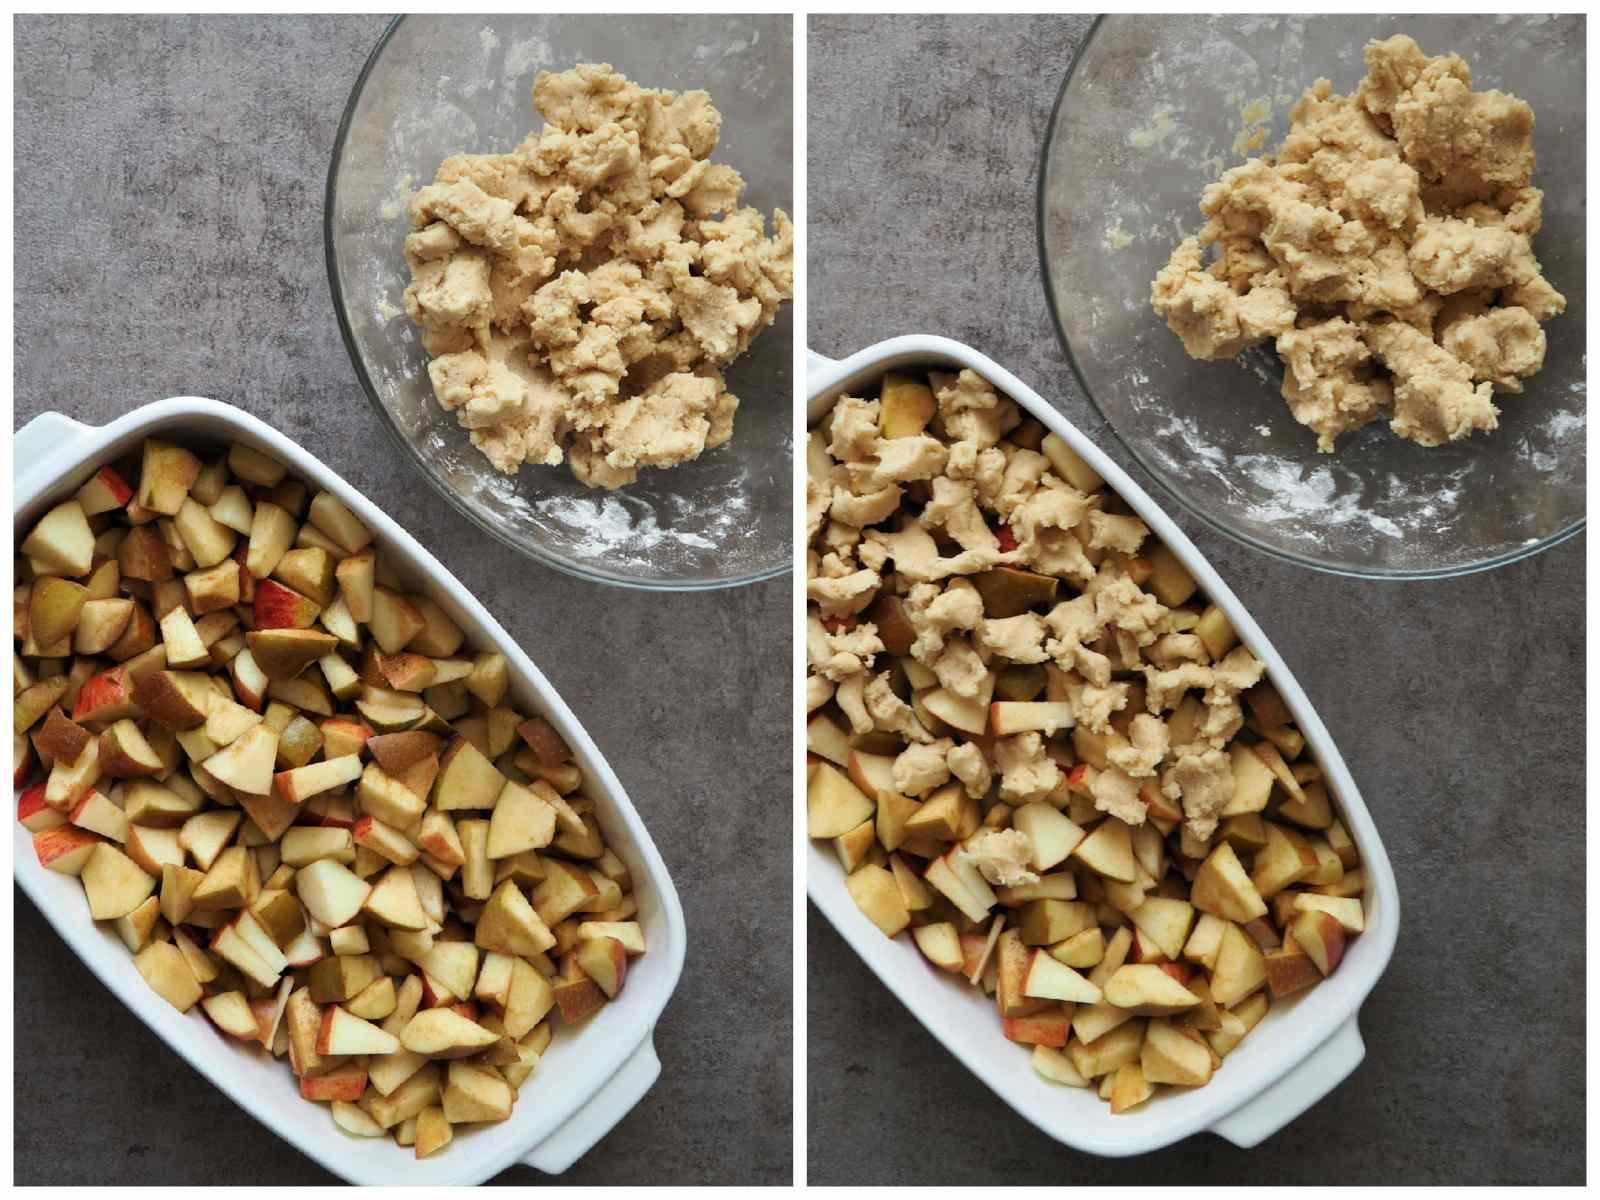 Streusel werden über veganen Apfel-Crumble gegeben